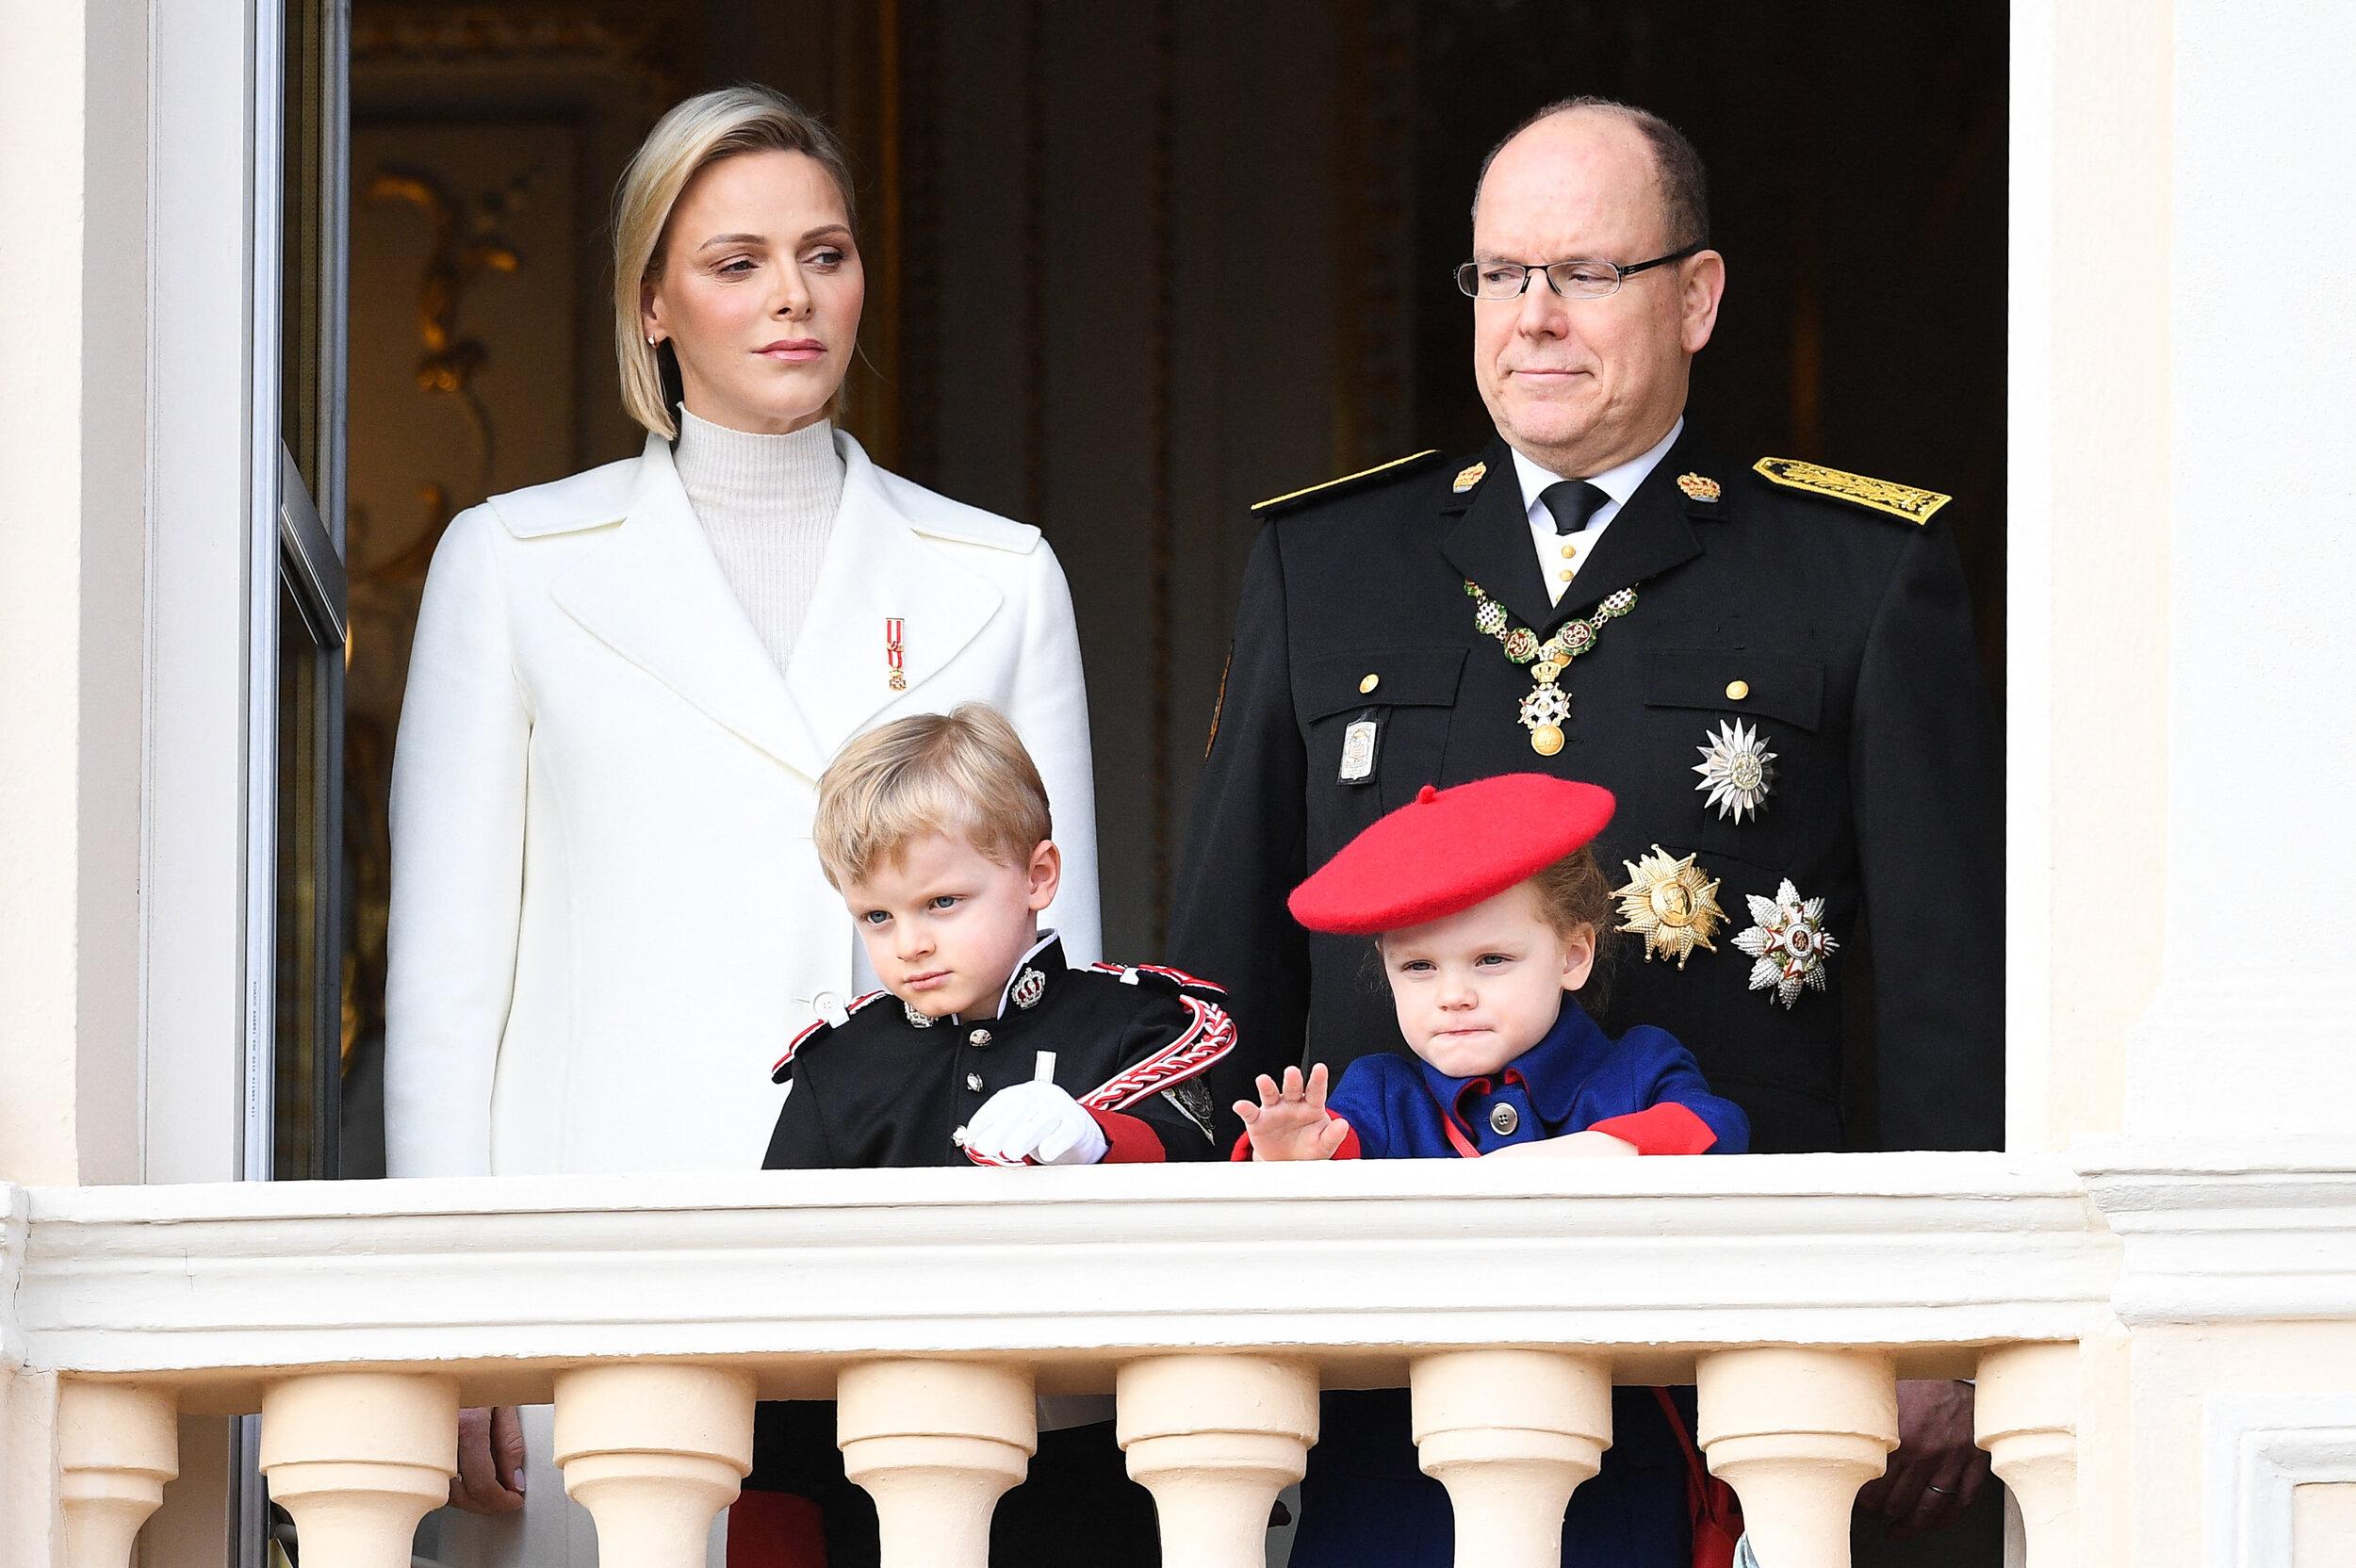 Grüße vom Palastbalkon: Prinz Jacques und Prinzessin Gabriella winken dem Volk.  © picture alliance / abaca